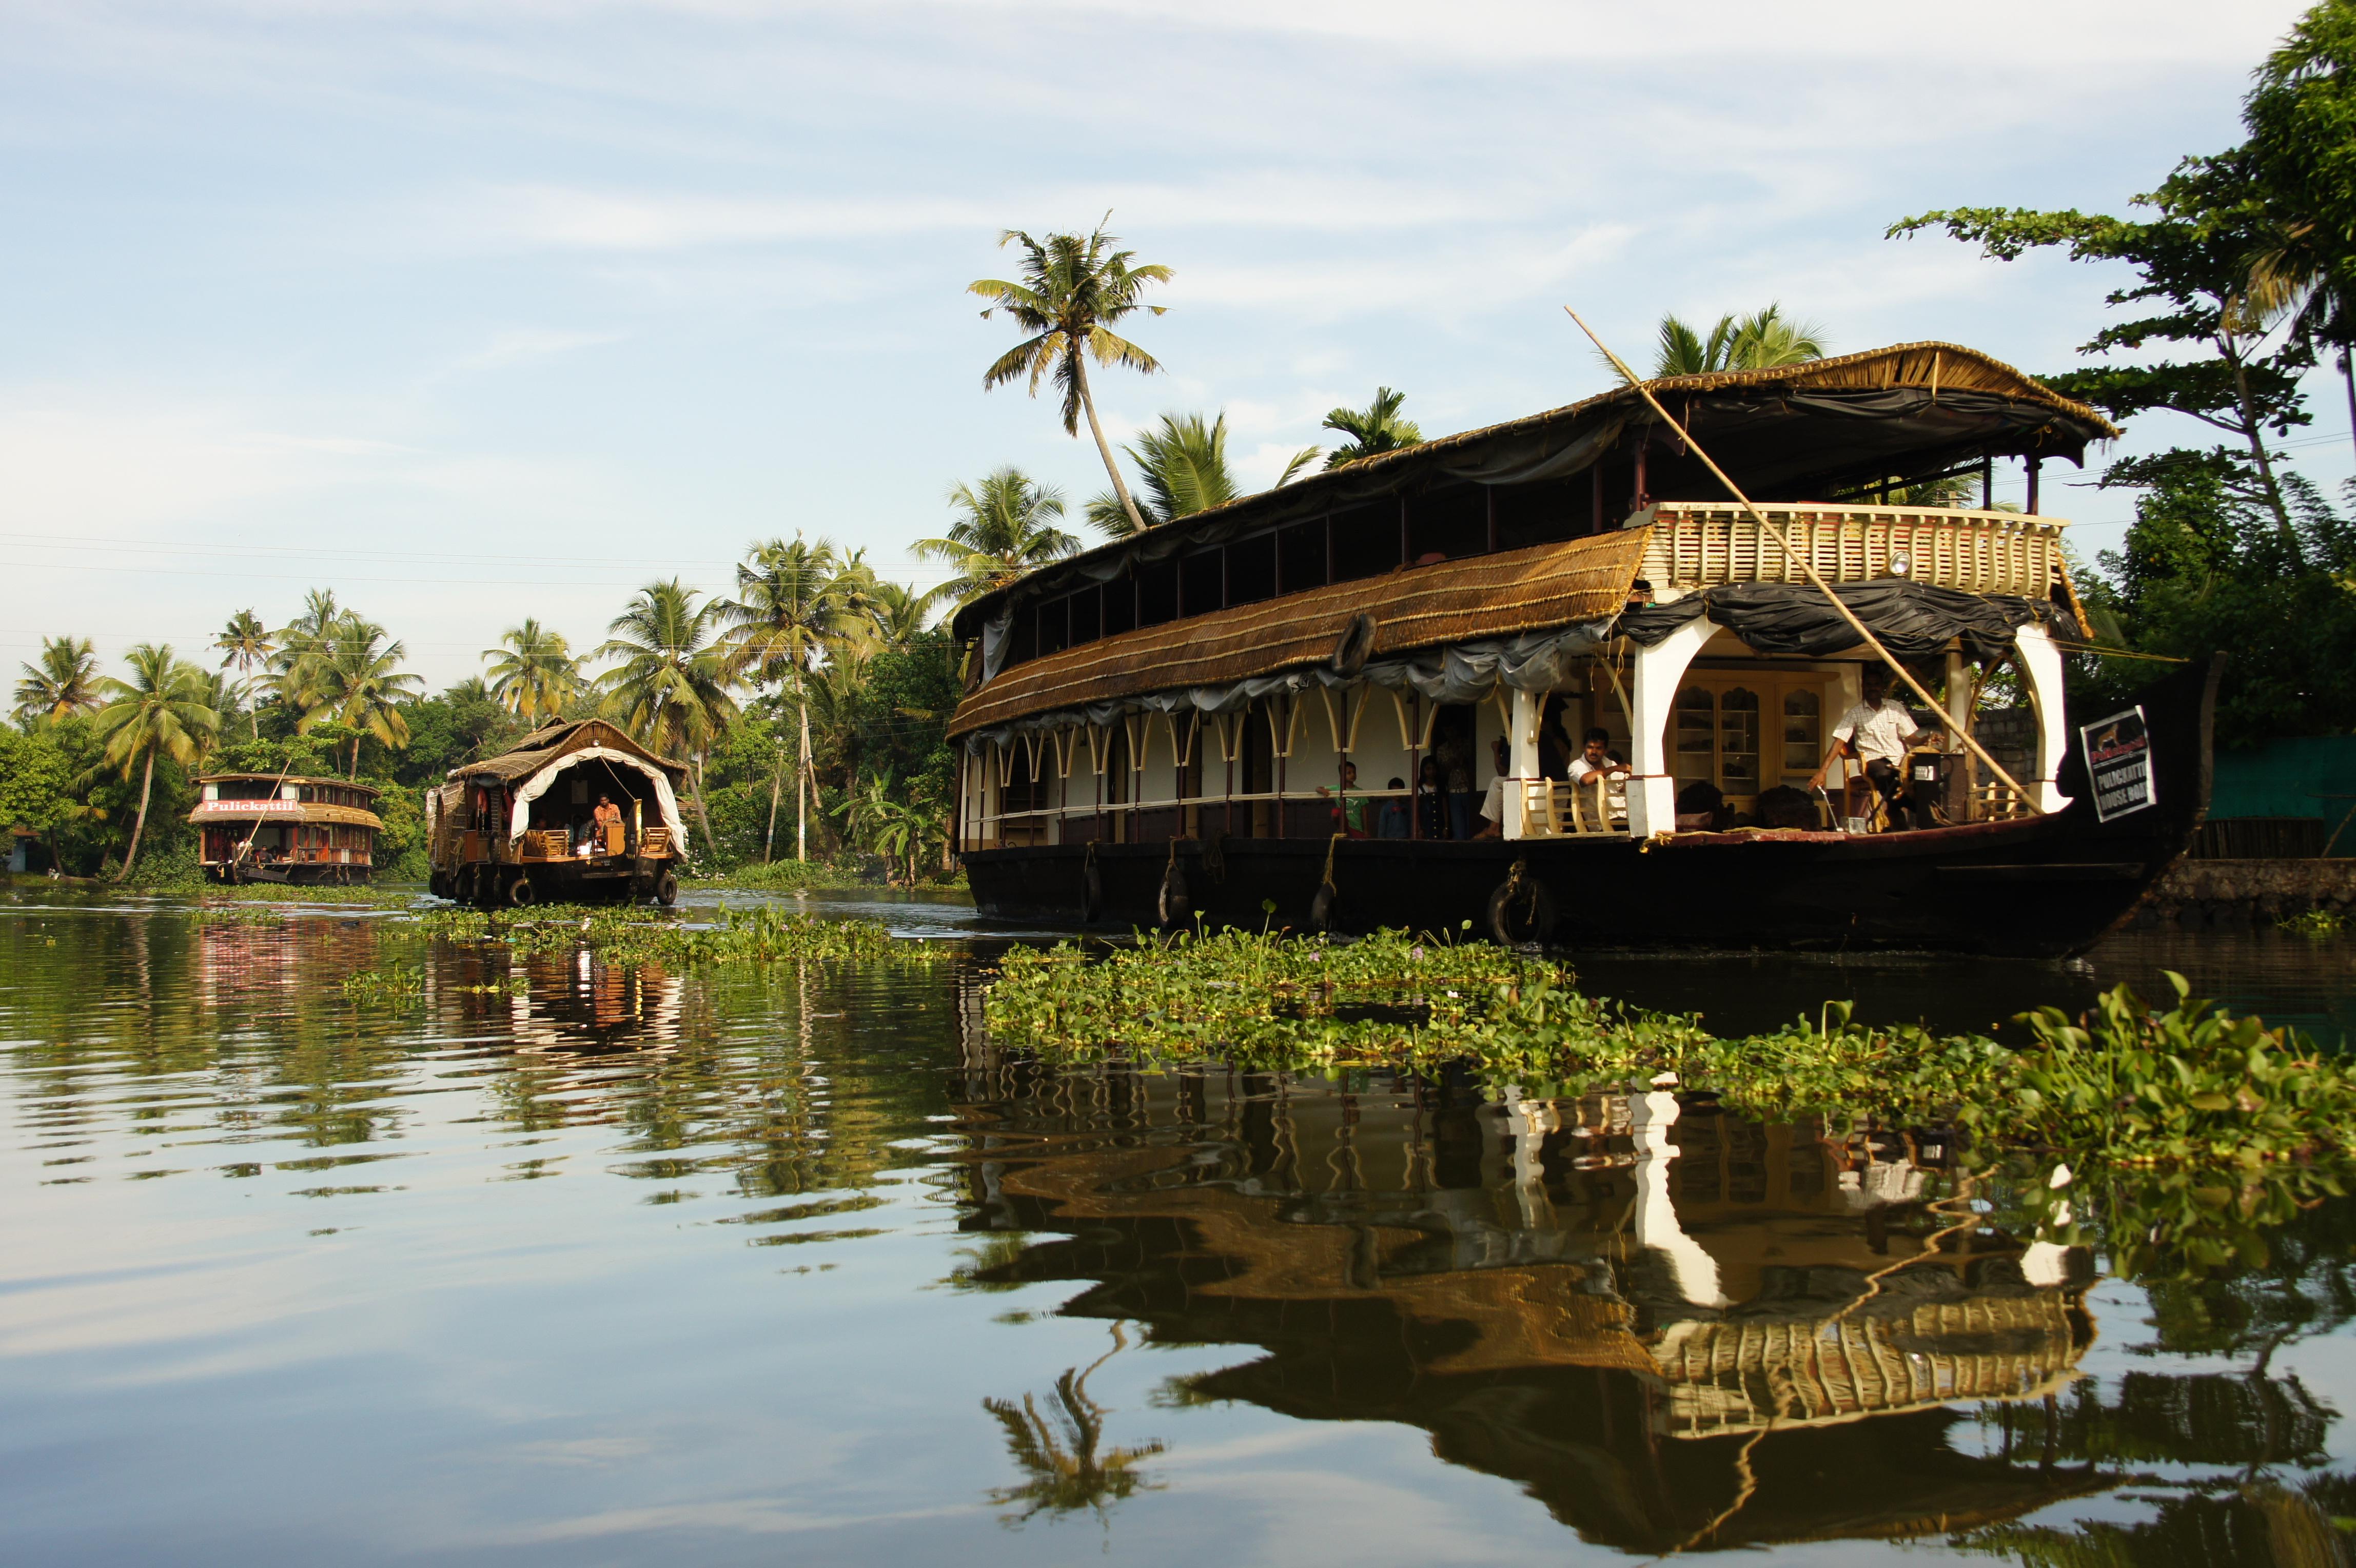 Croisière dans le Kerala, dans le sud ouest de l'Inde, une région beaucoup plus tranquille qu'au Nord.